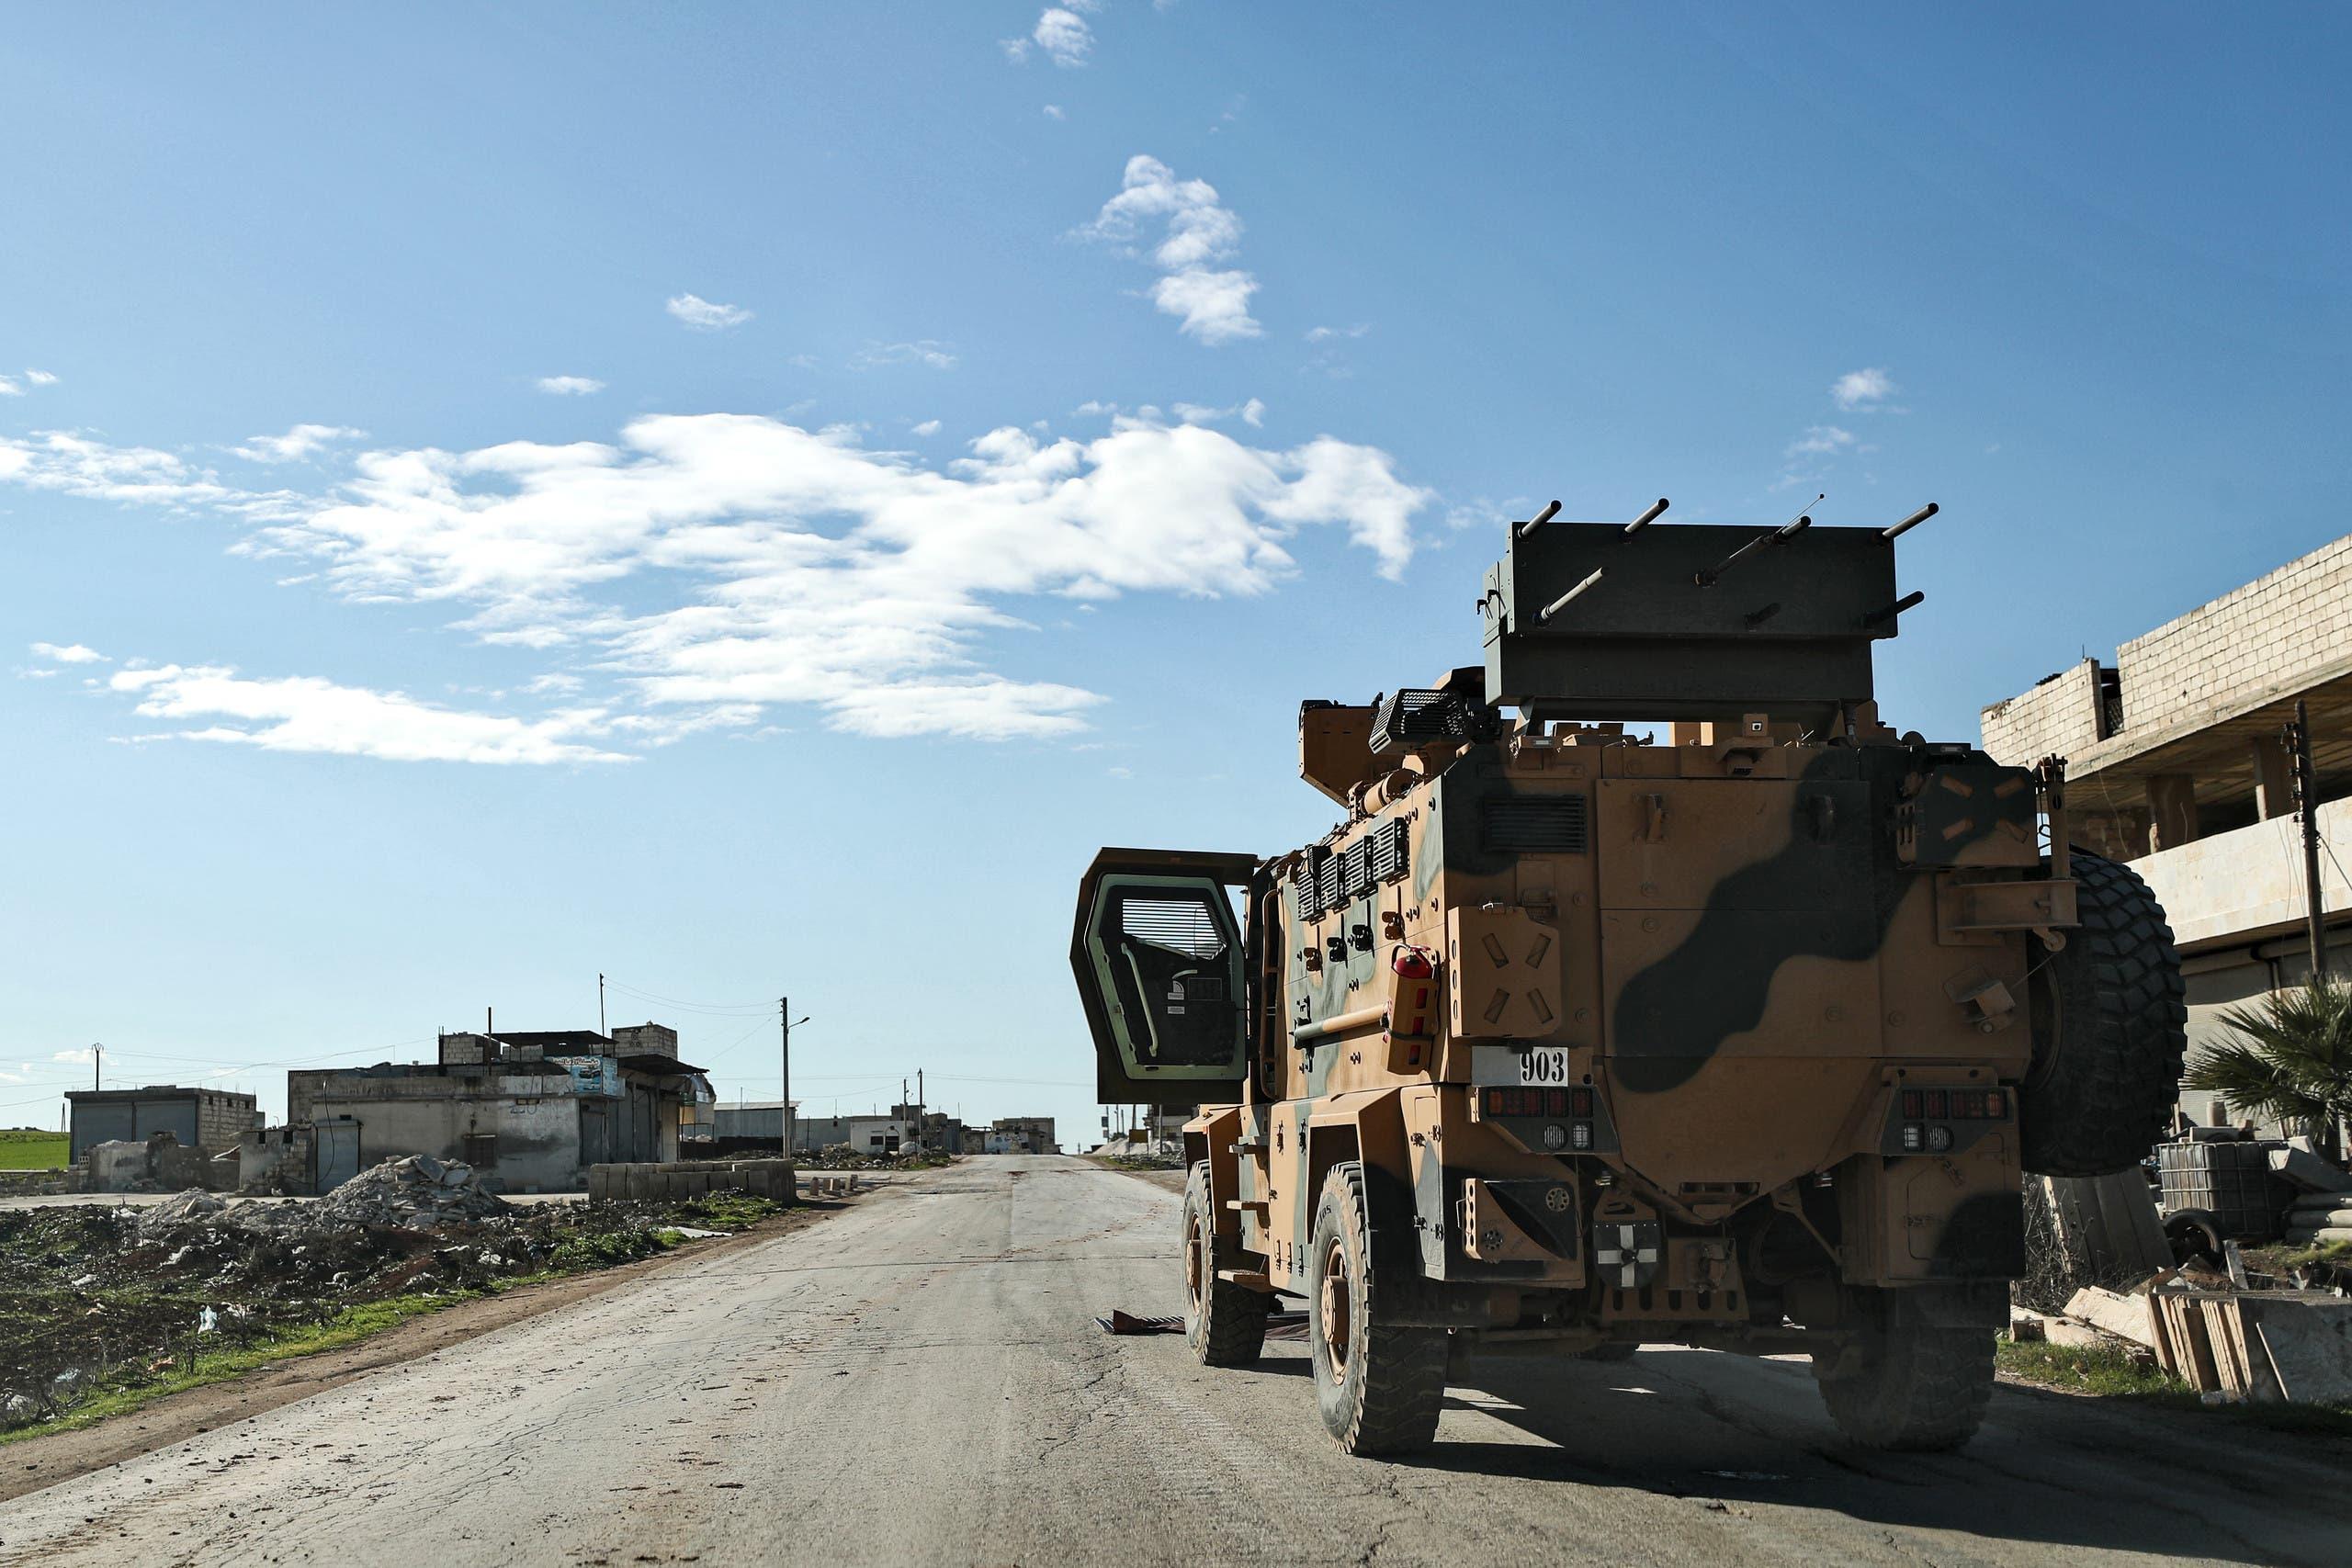 مركبات عسكرية تركية عند نقطة مراقبة على المشارف الشرقية لبلدة سراقب السبت (فرانس برس)